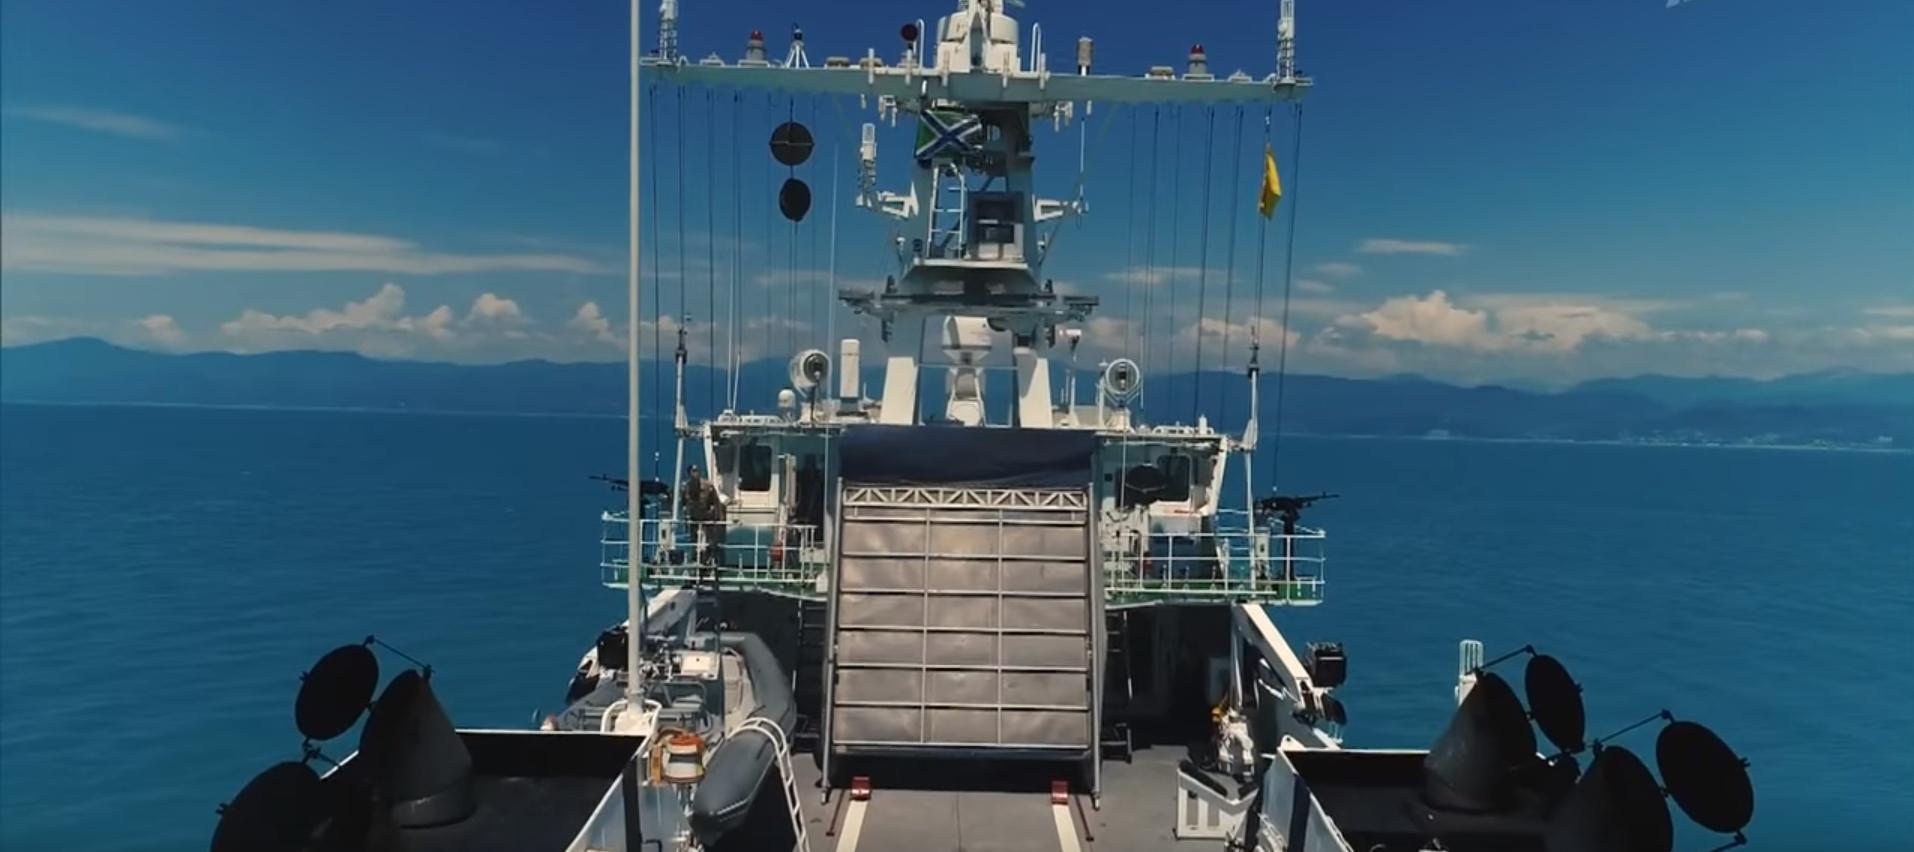 ФСБ: оперативная ситуация в Азовском море.